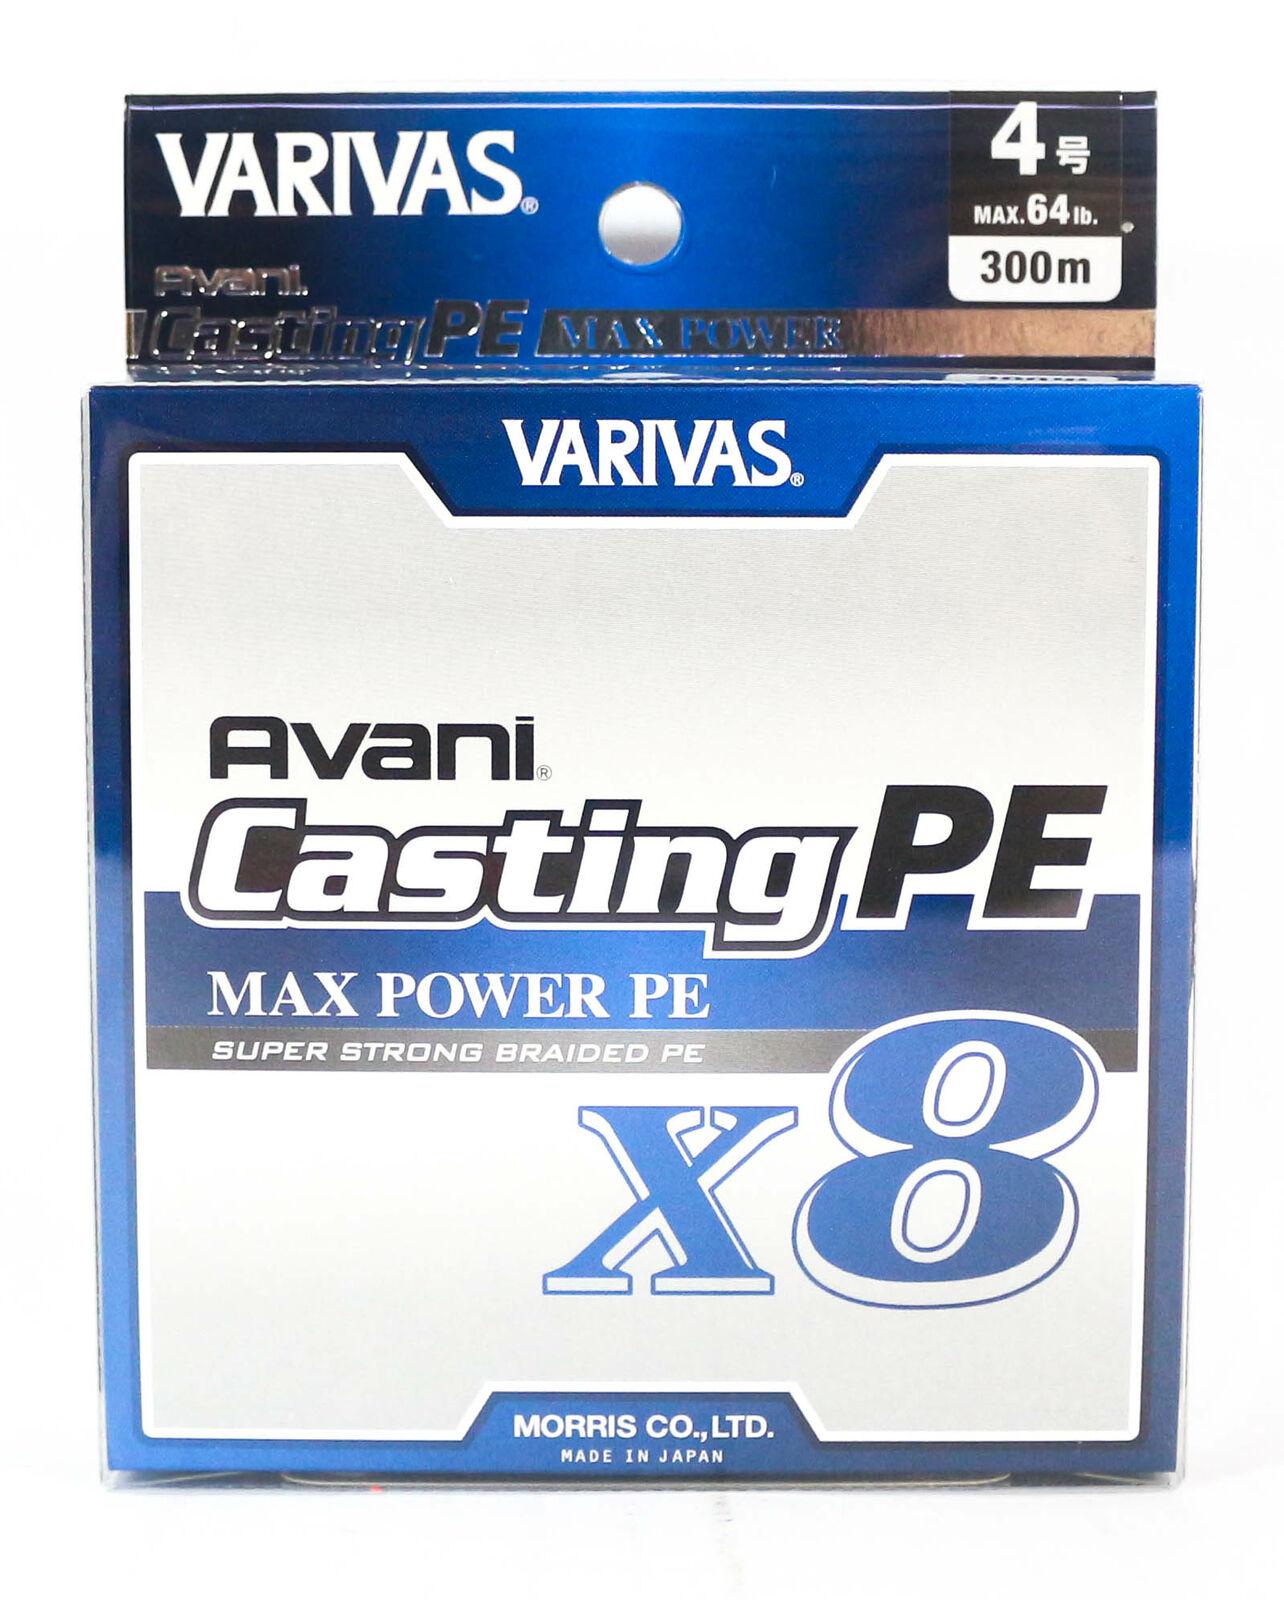 Varivas P.E Ligne nuovo Avani Max energia Casting X8 300m P.E 4 64lb 8593